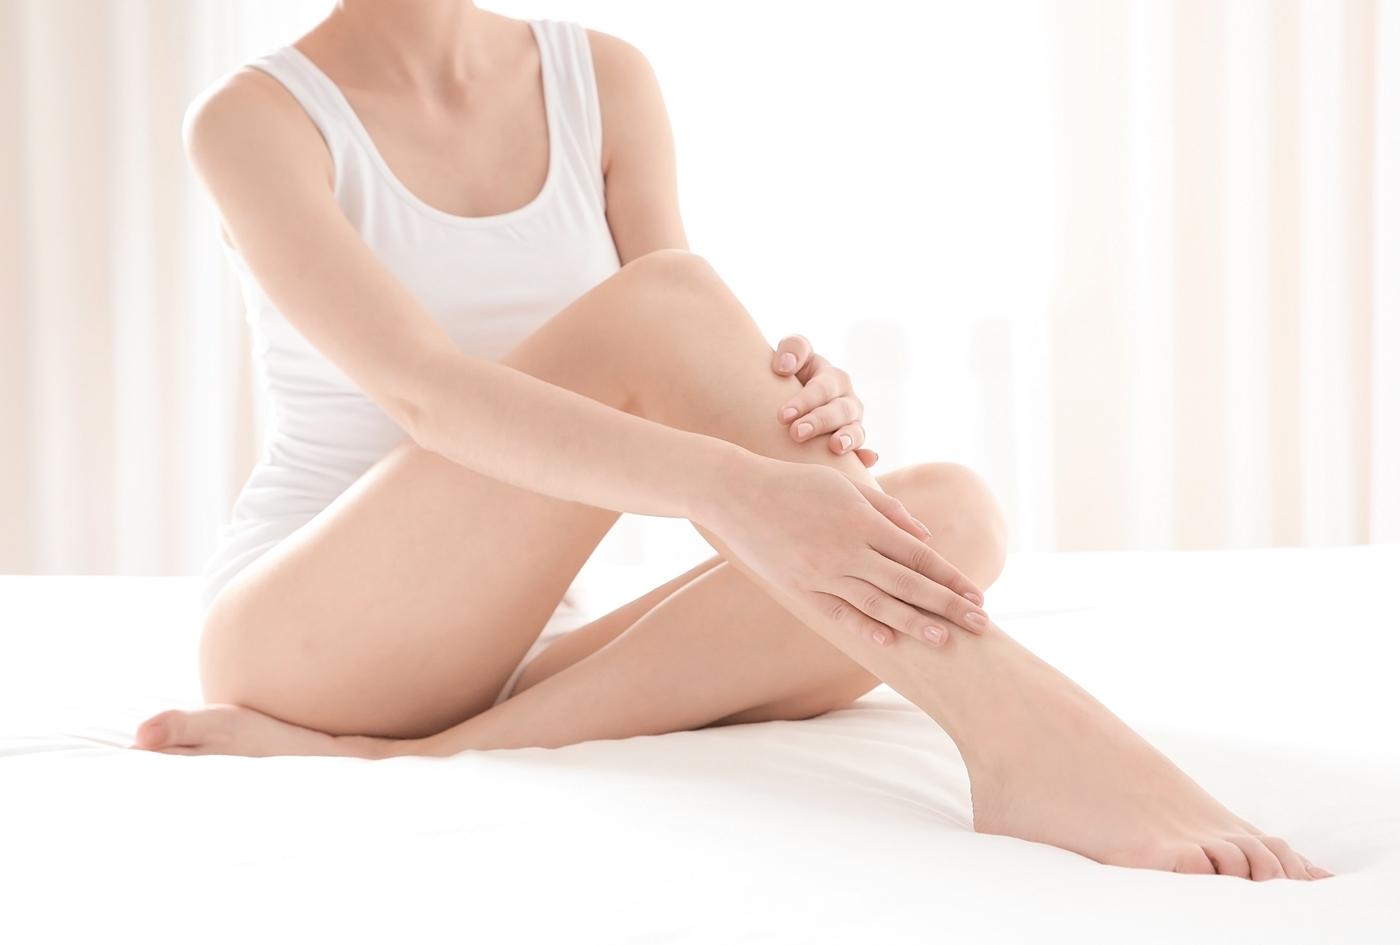 キャミソールで脚をケアする女性